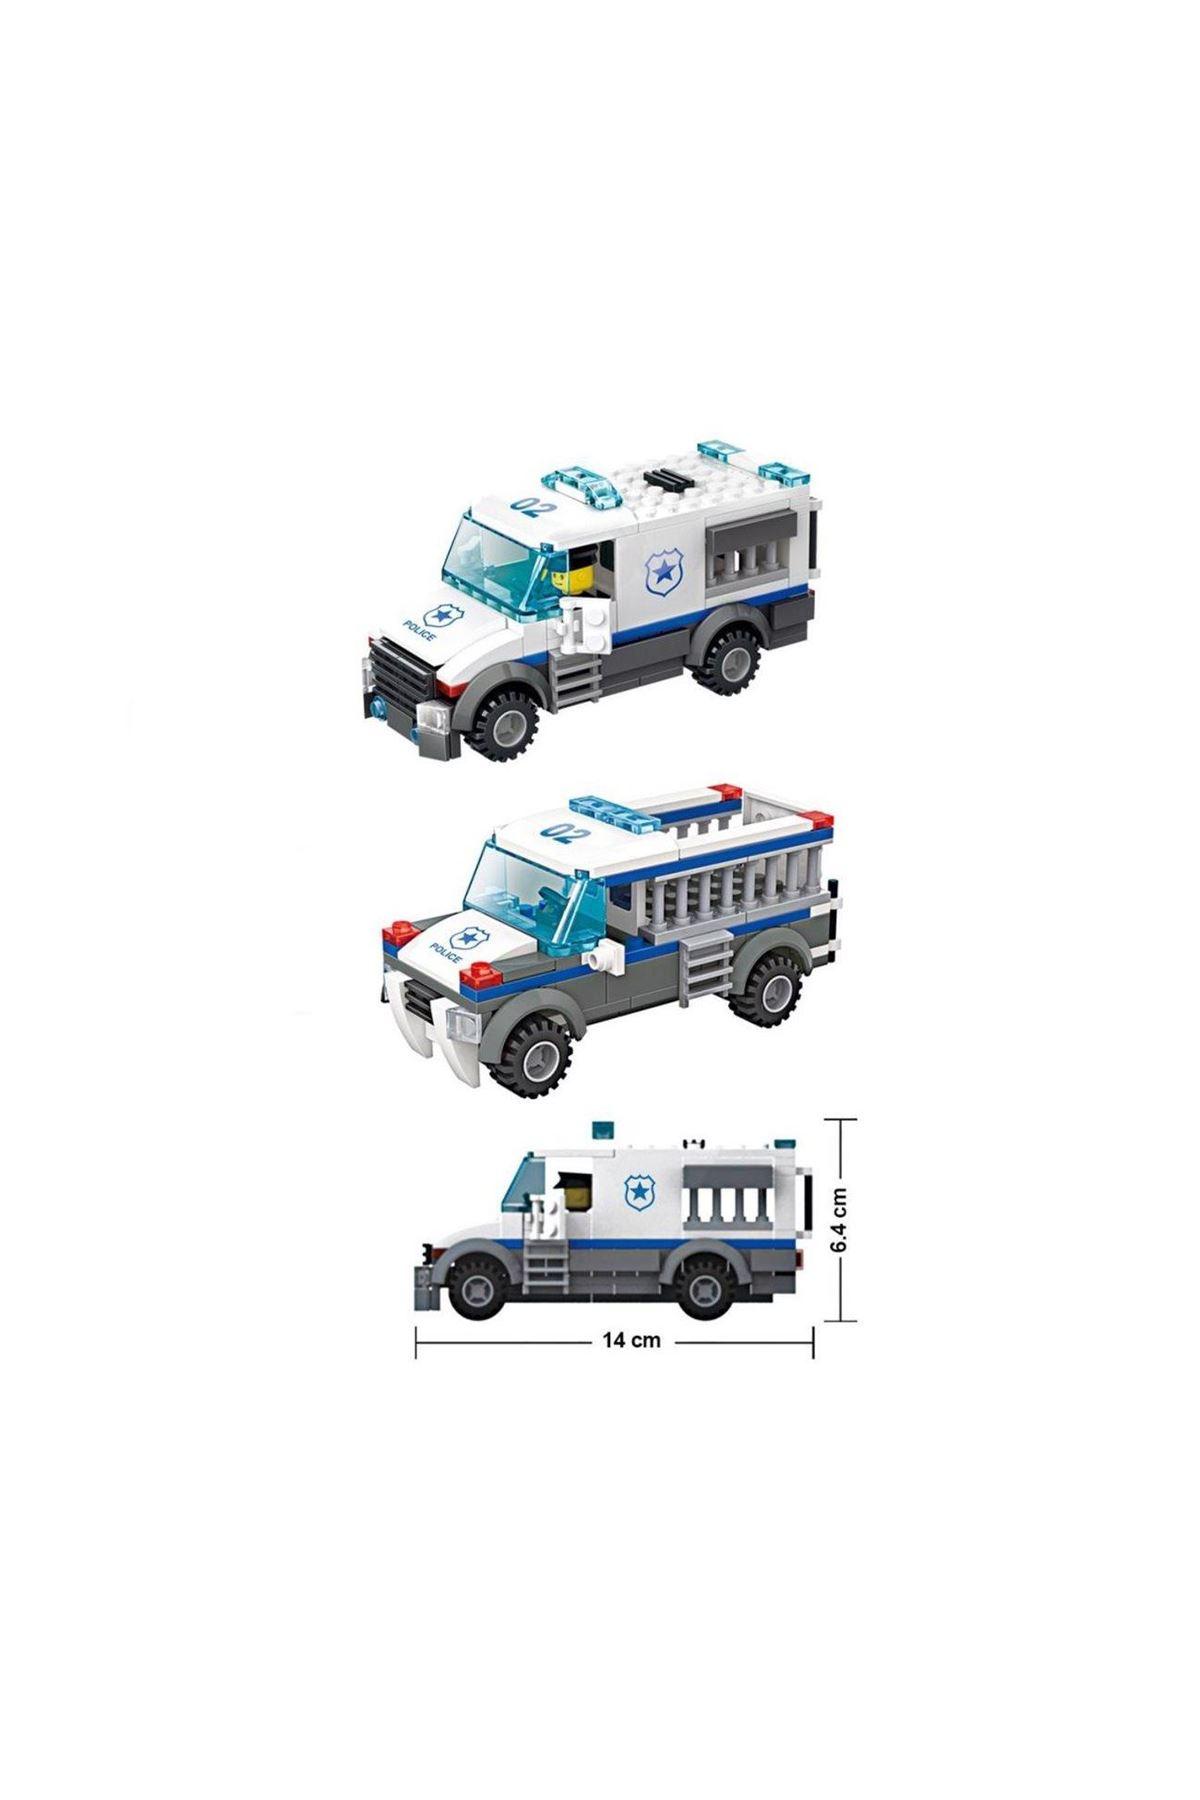 Galtoys Mahkum Taşıma Aracı 3İn1 214 Parça GAL-51012